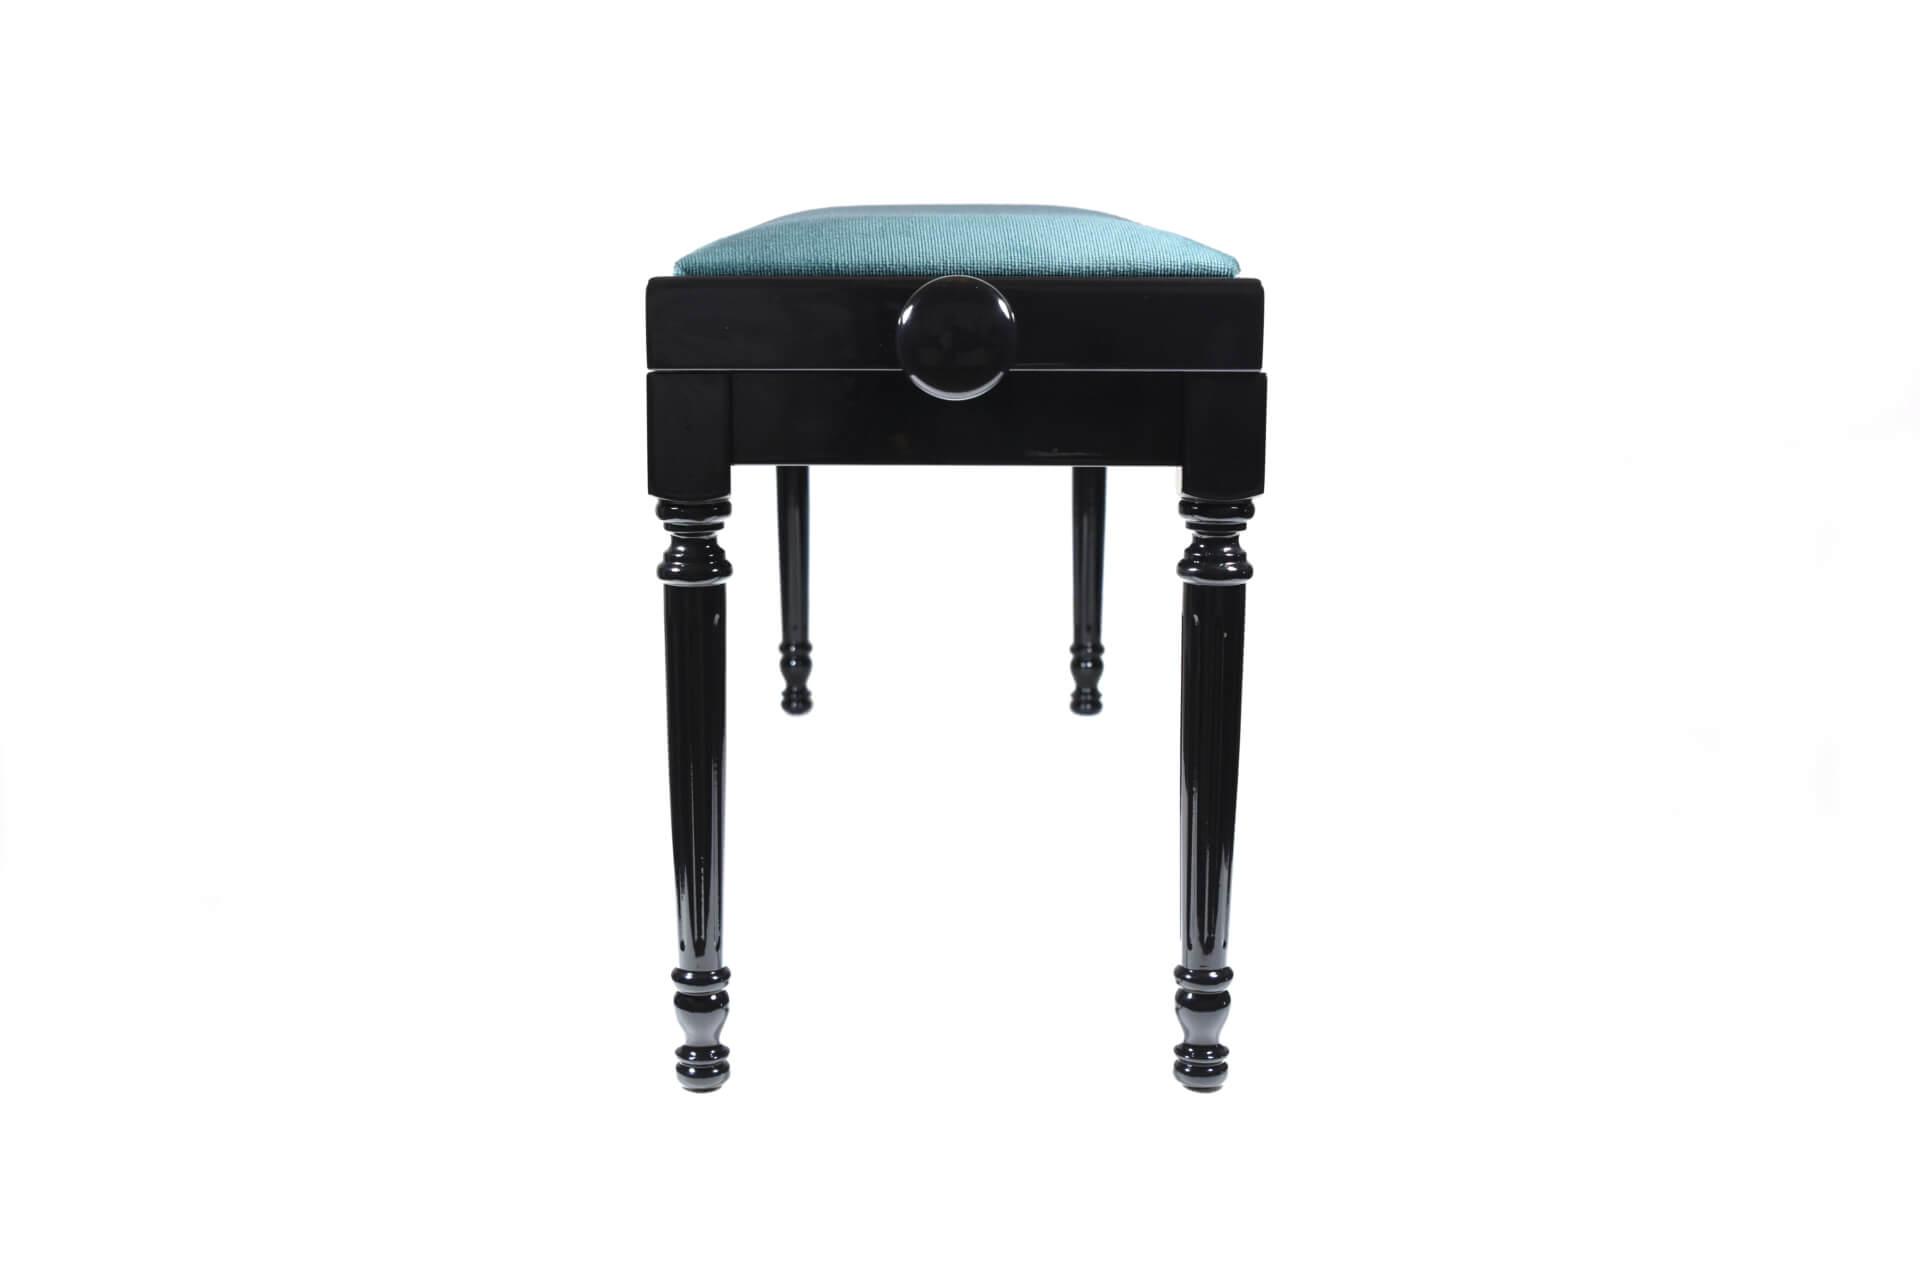 tabouret deux si ges avec le coussin interchangeable r glables s par ment en hauteur et les. Black Bedroom Furniture Sets. Home Design Ideas